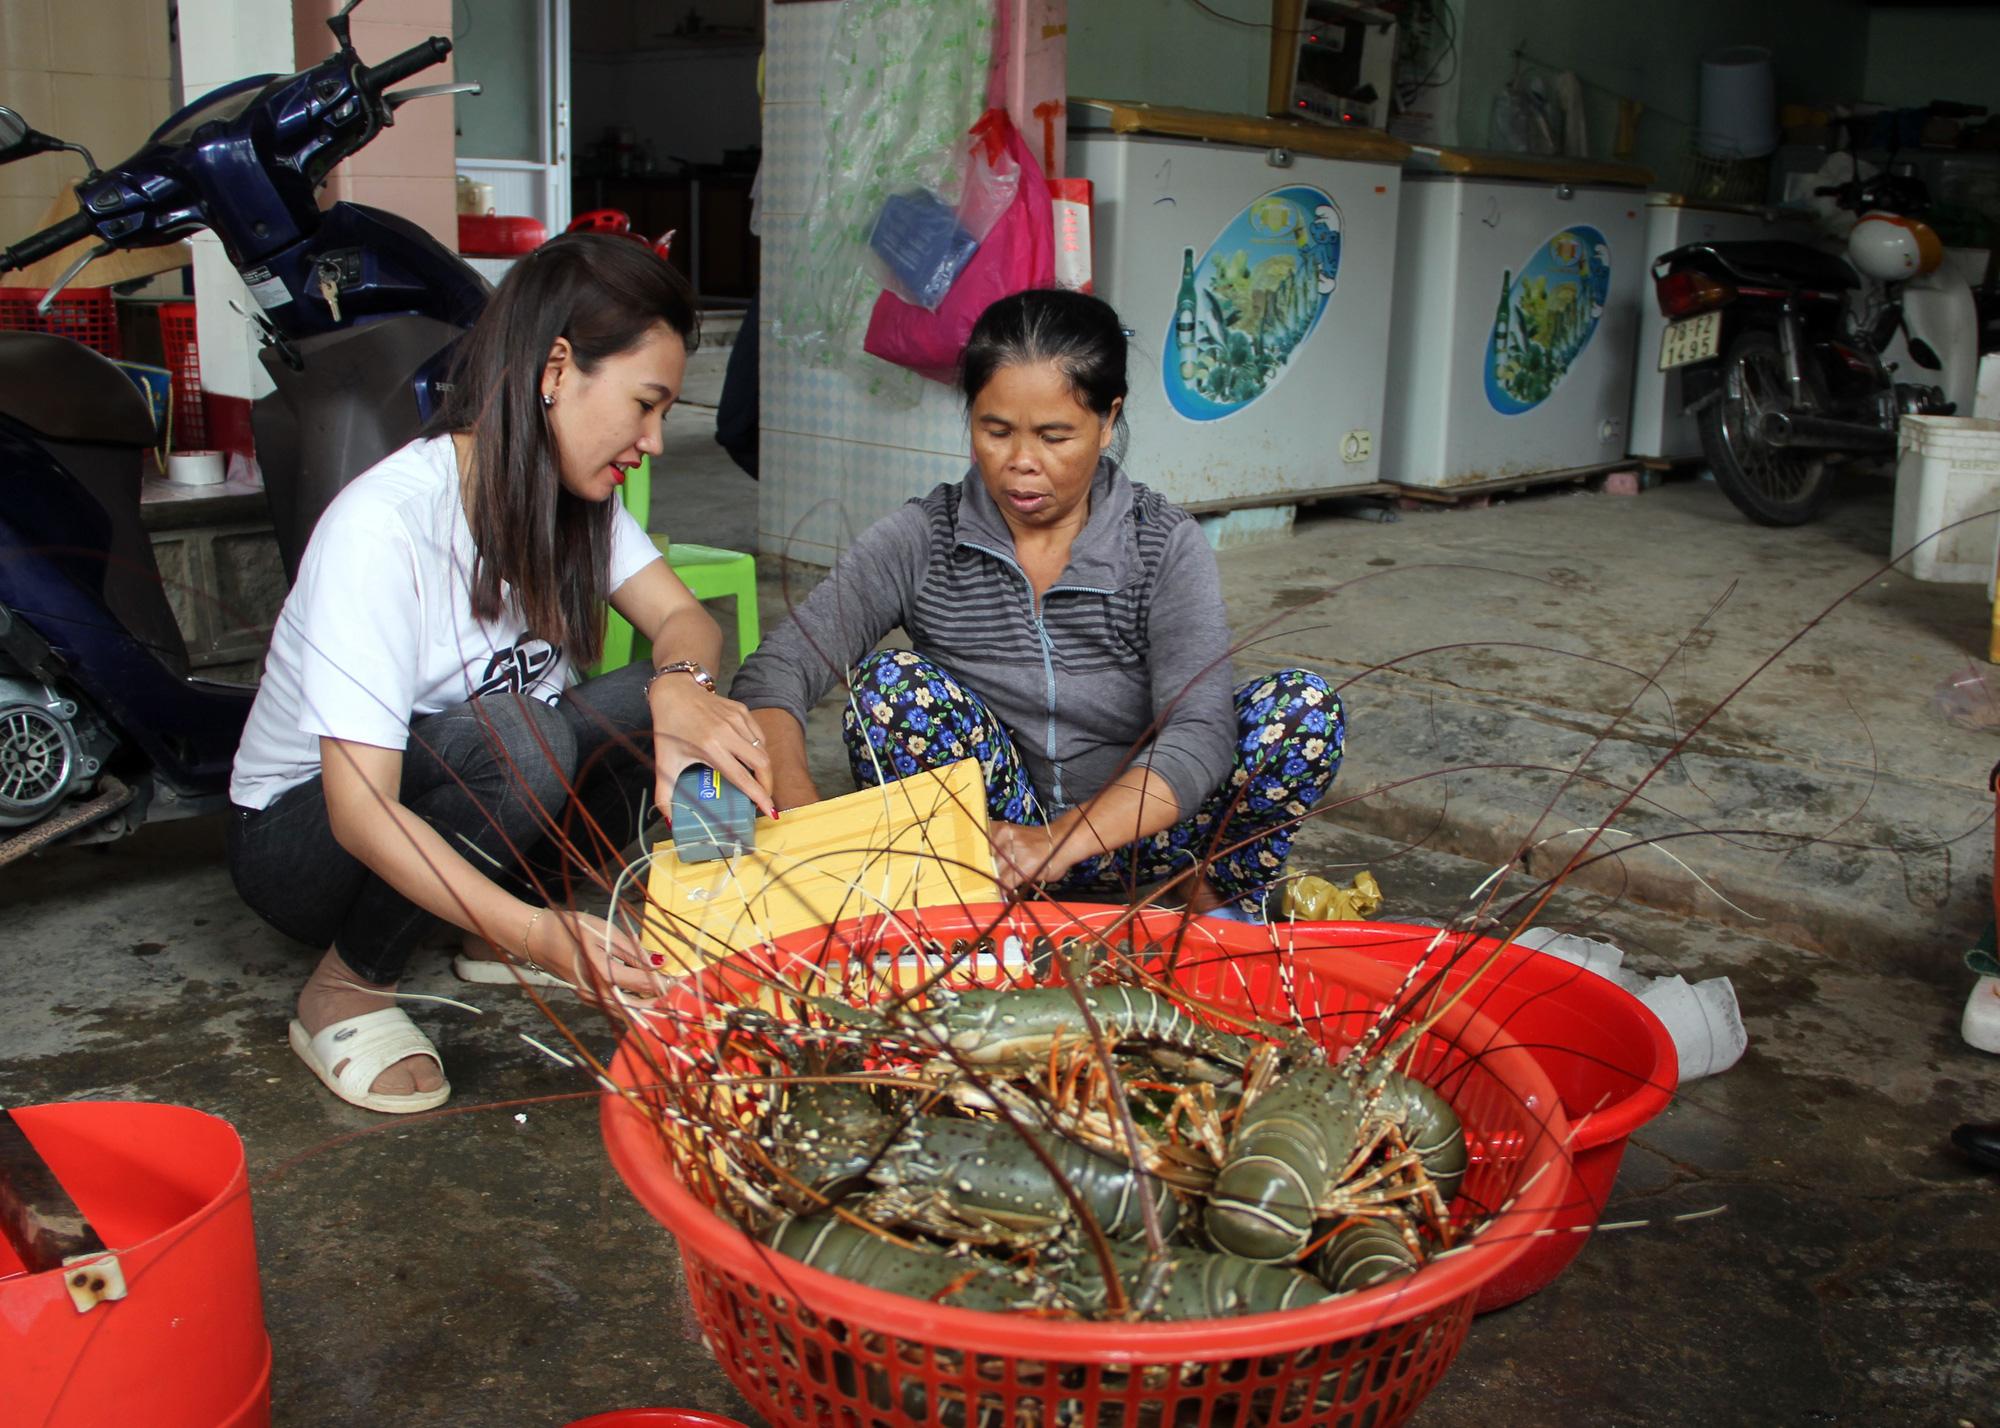 Sự thật về giá tôm hùm ở Phú Yên chỉ 200.000 đồng/kg - Ảnh 1.